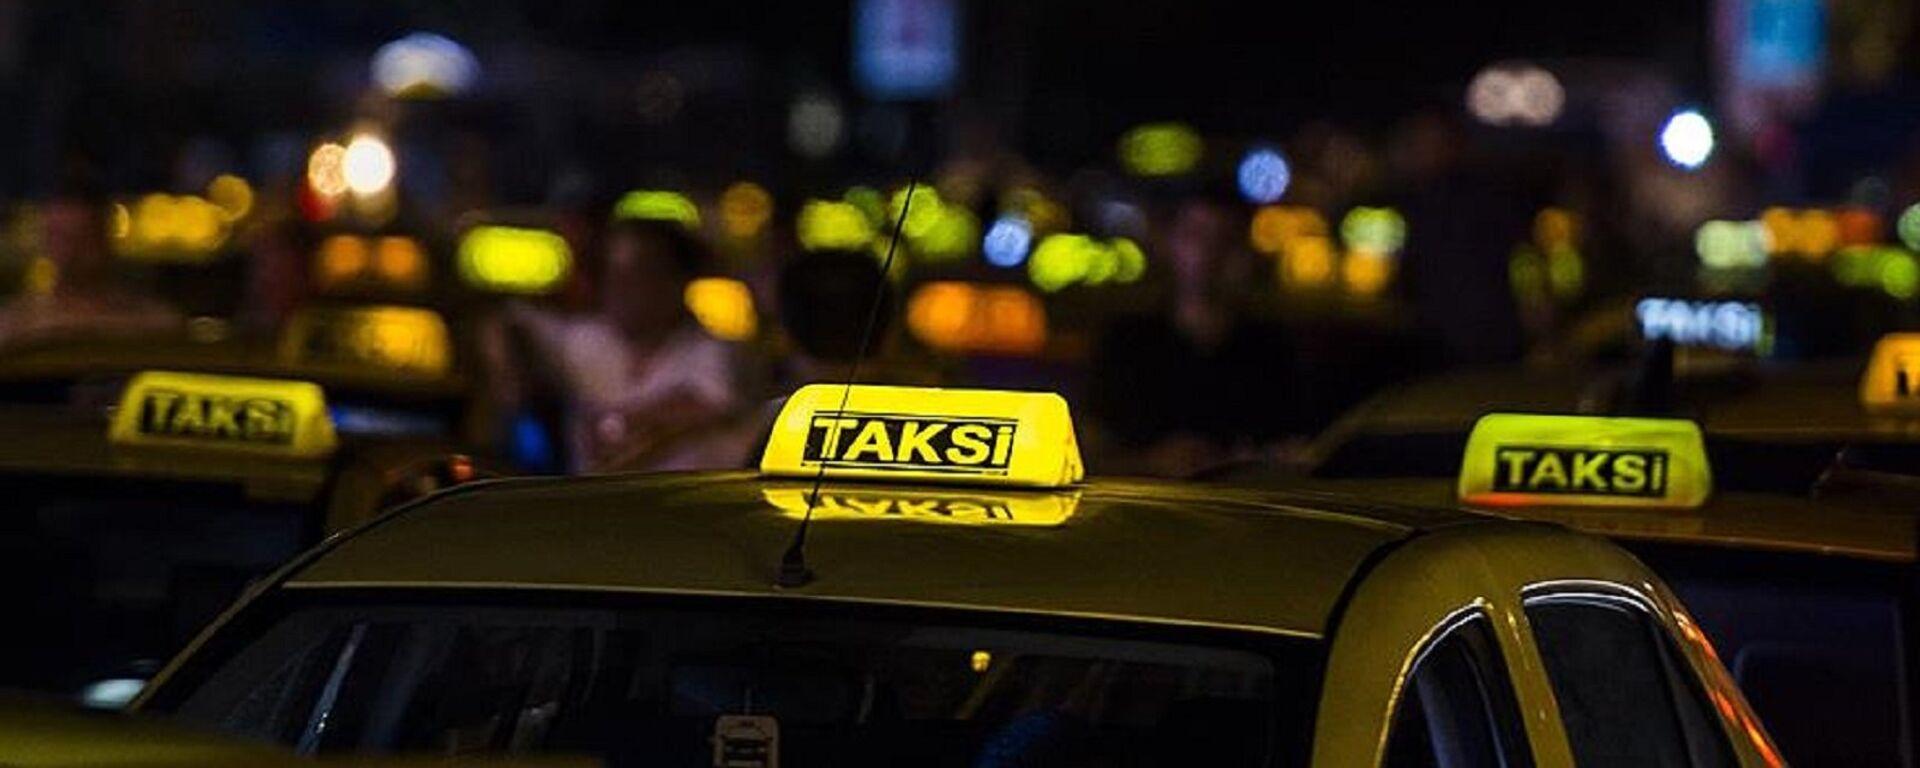 Taksi - Sputnik Türkiye, 1920, 26.08.2021